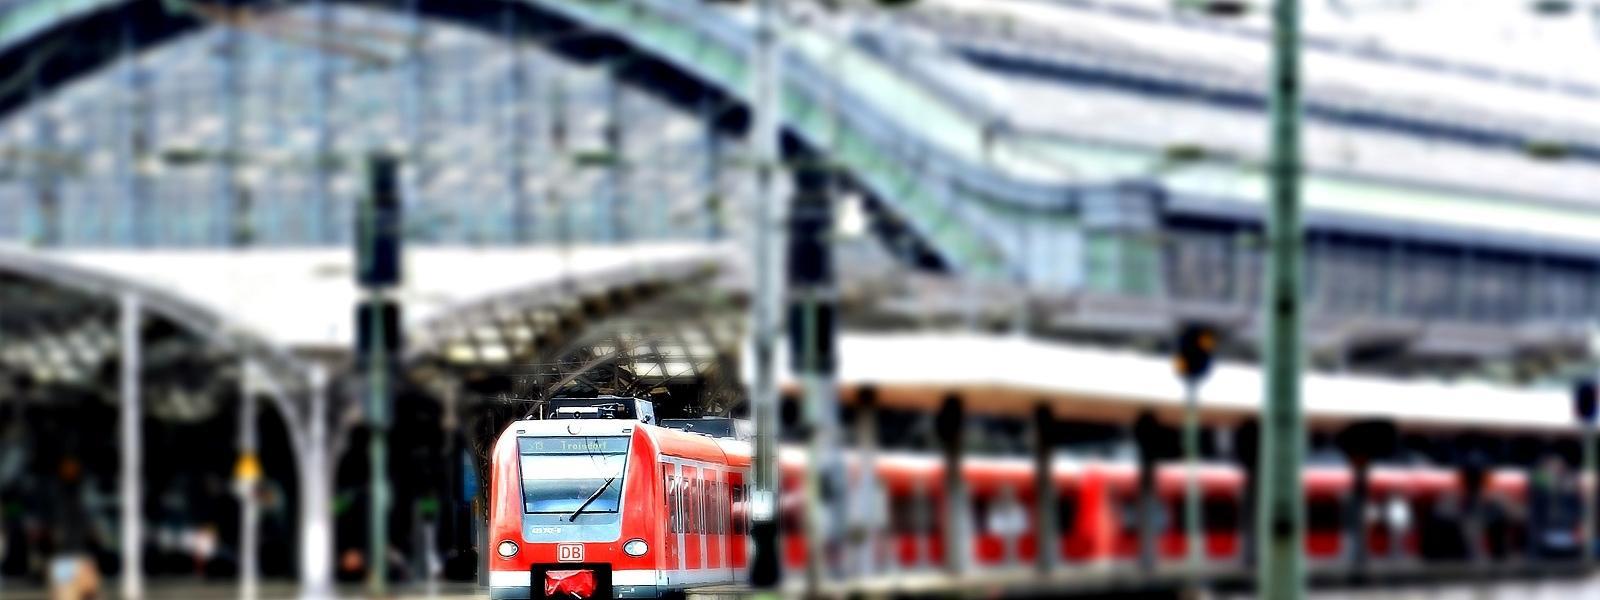 Tickets sans contact pour le transport public